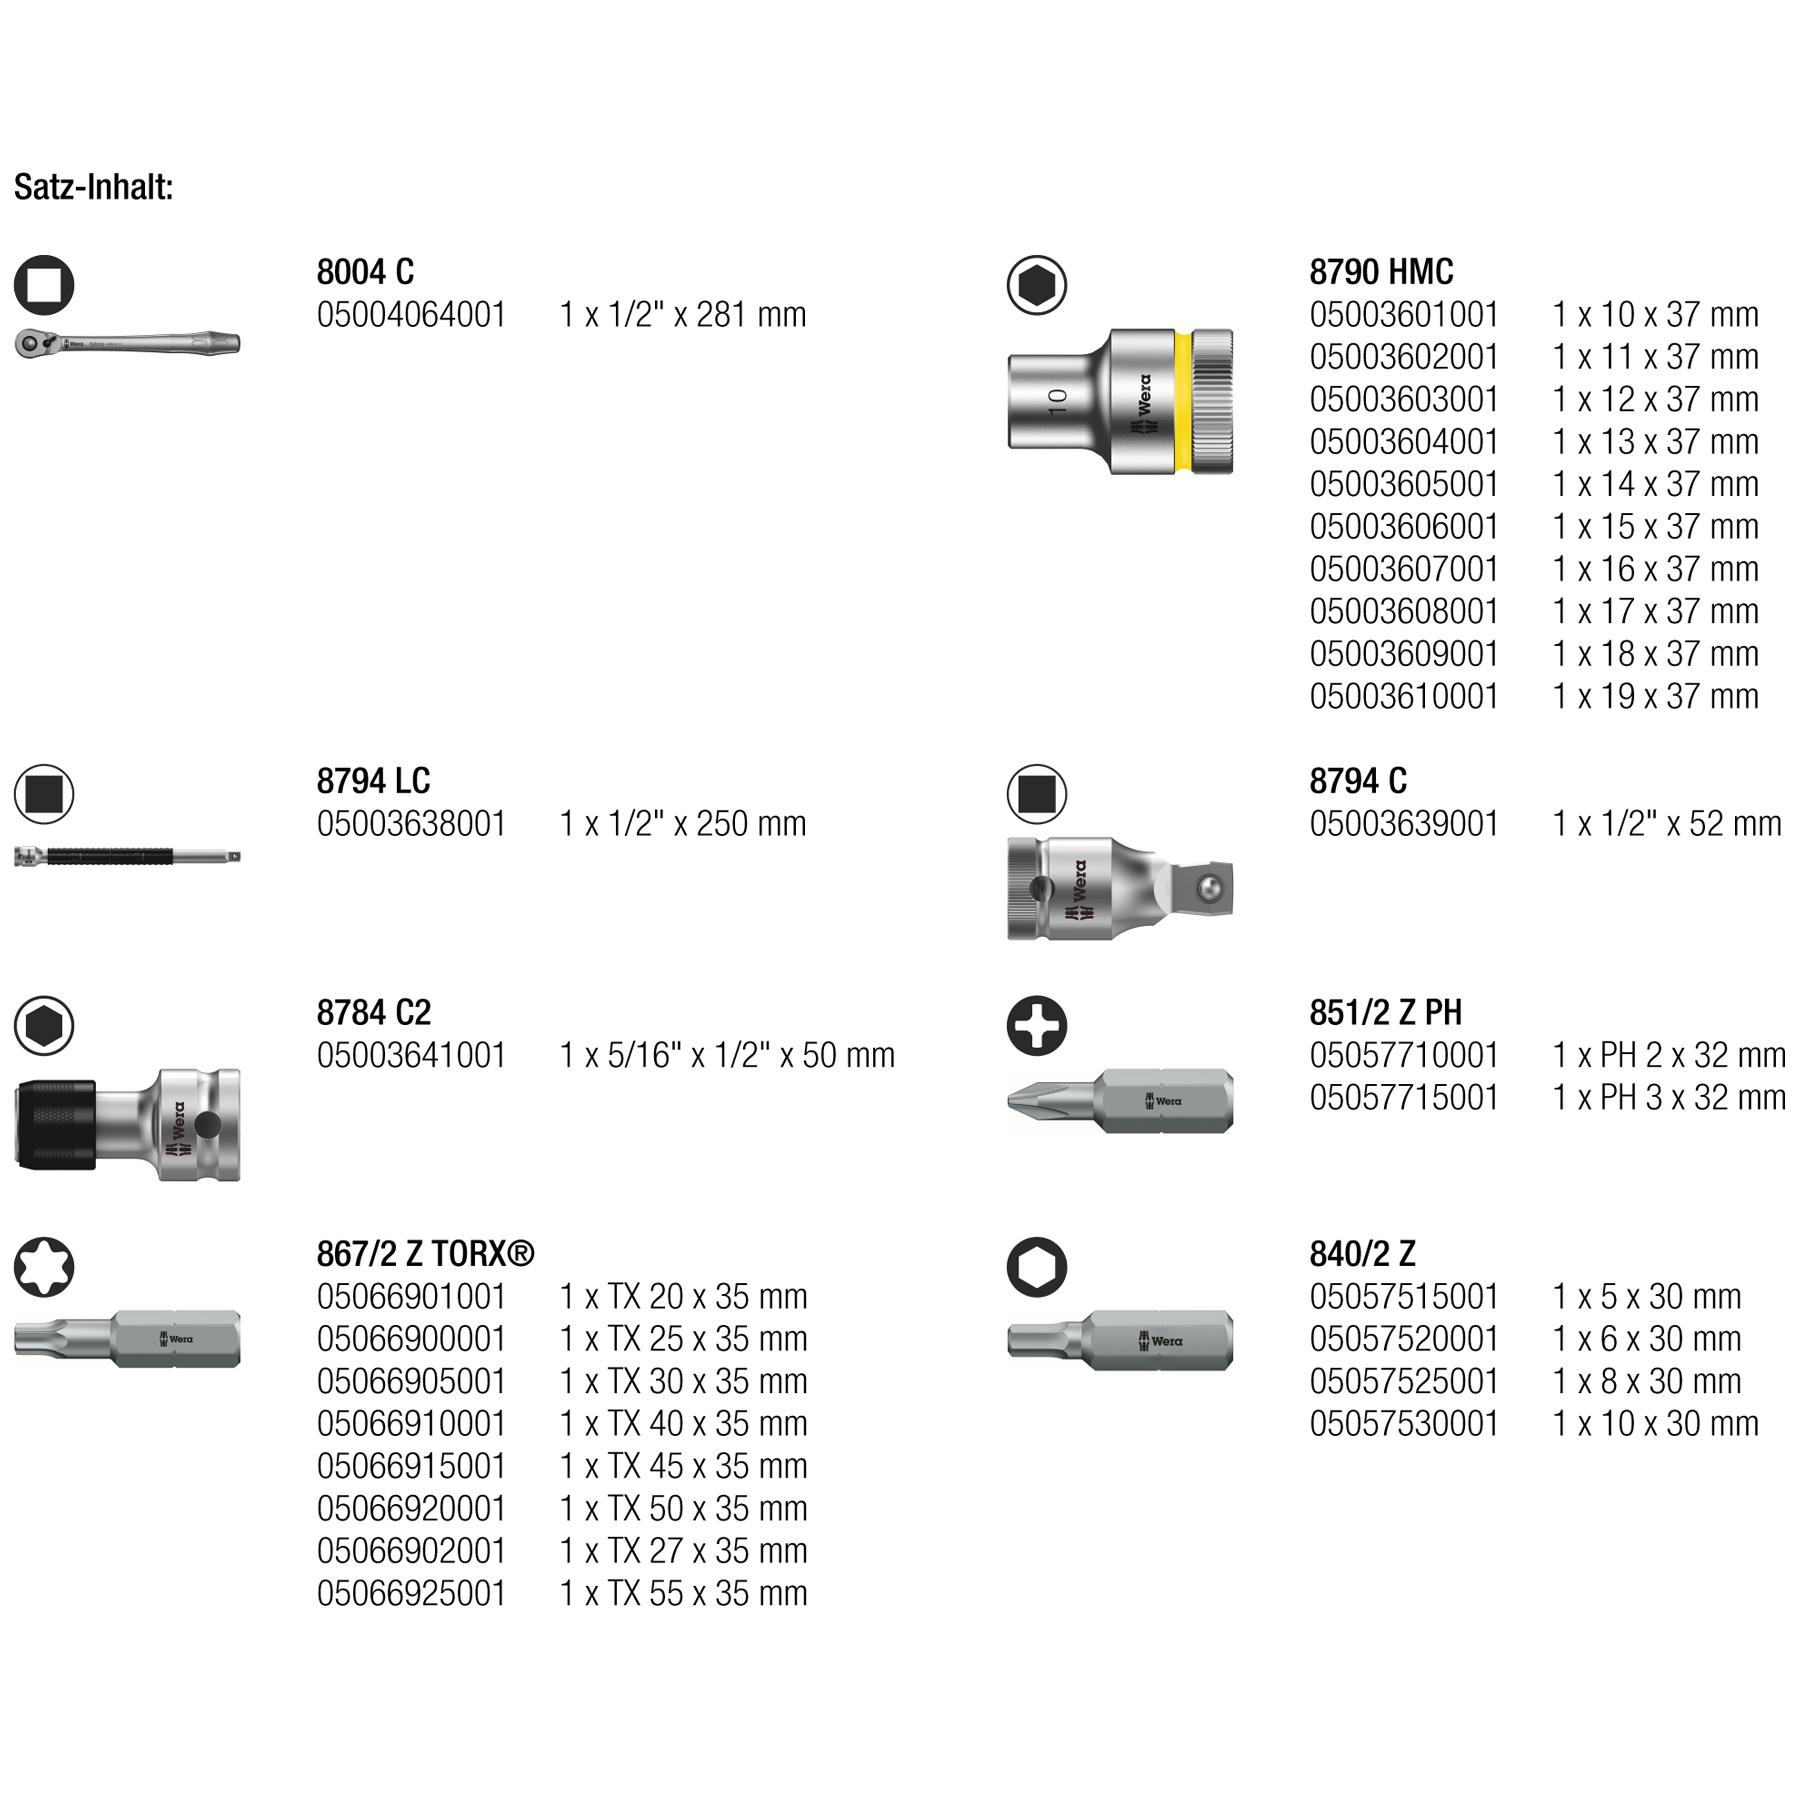 Bild von Wera 8100 SC 8 Zyklop Metal-Knarrensatz - 1/2 Zoll